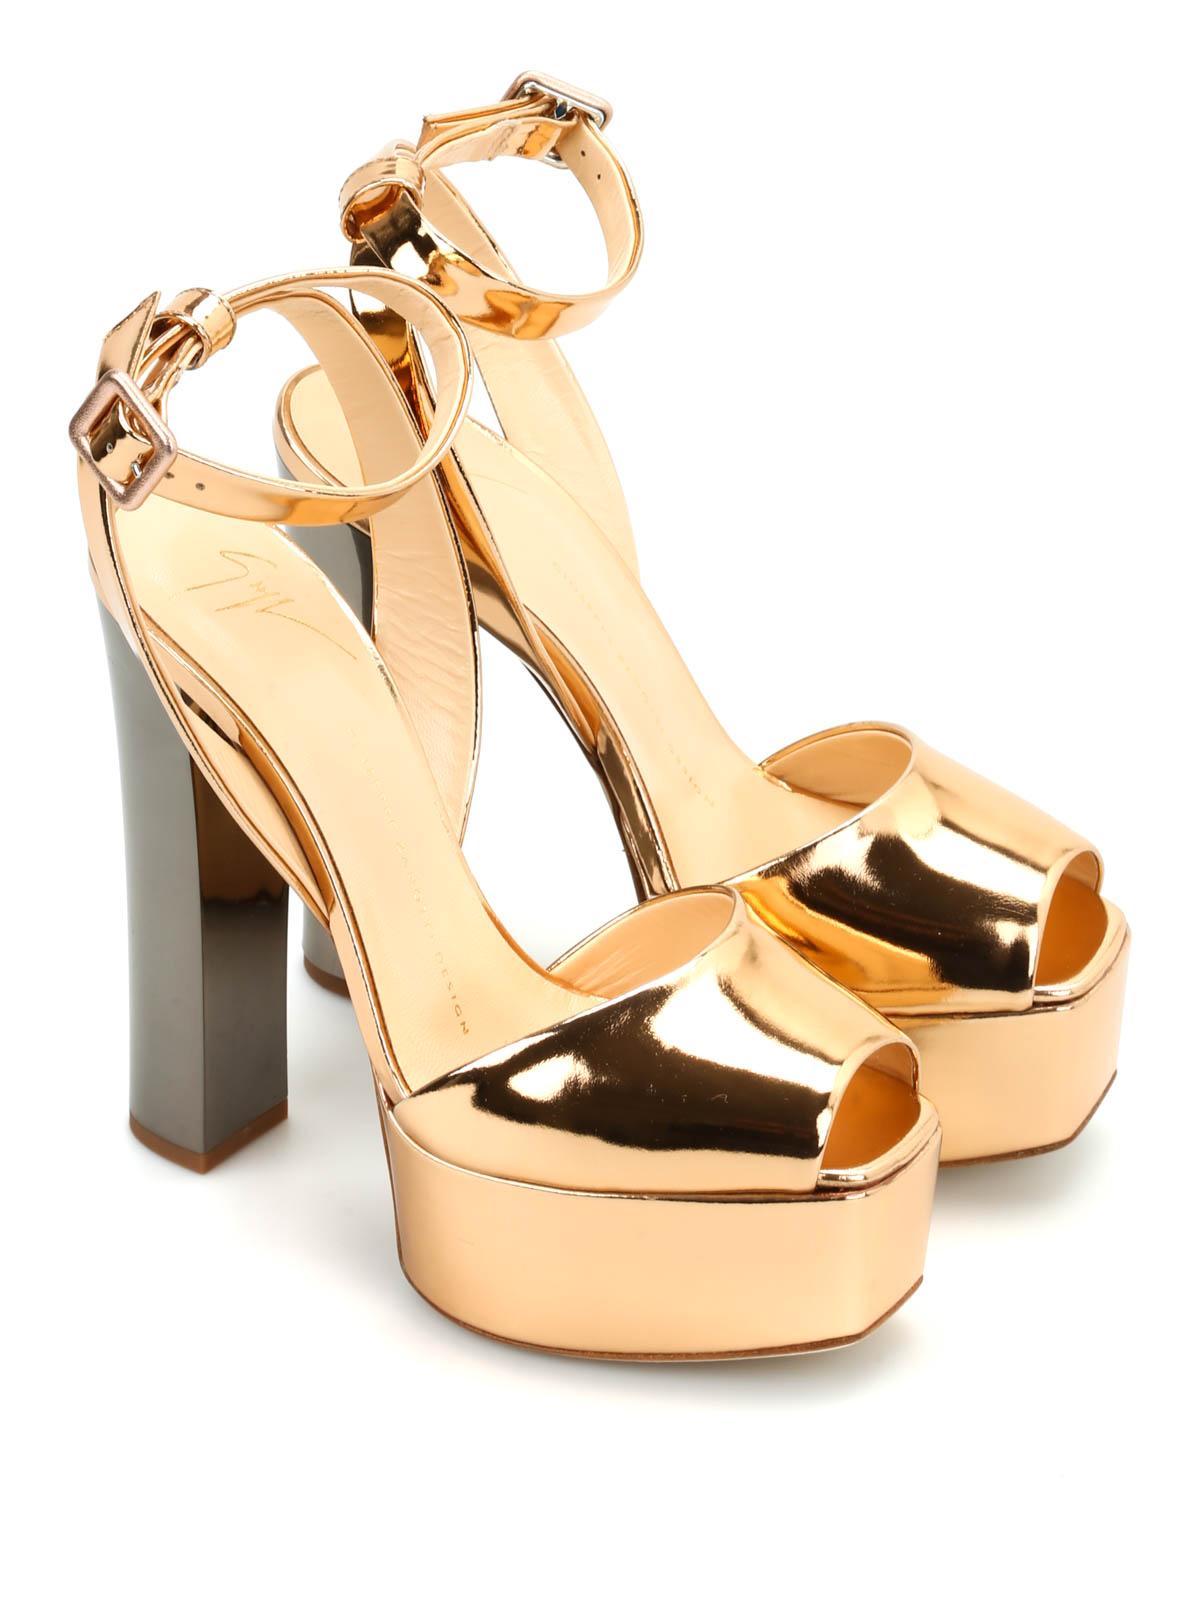 ab26ae9c6b9 Giuseppe Zanotti - Lavinia leather sandals - sandals - E60118001